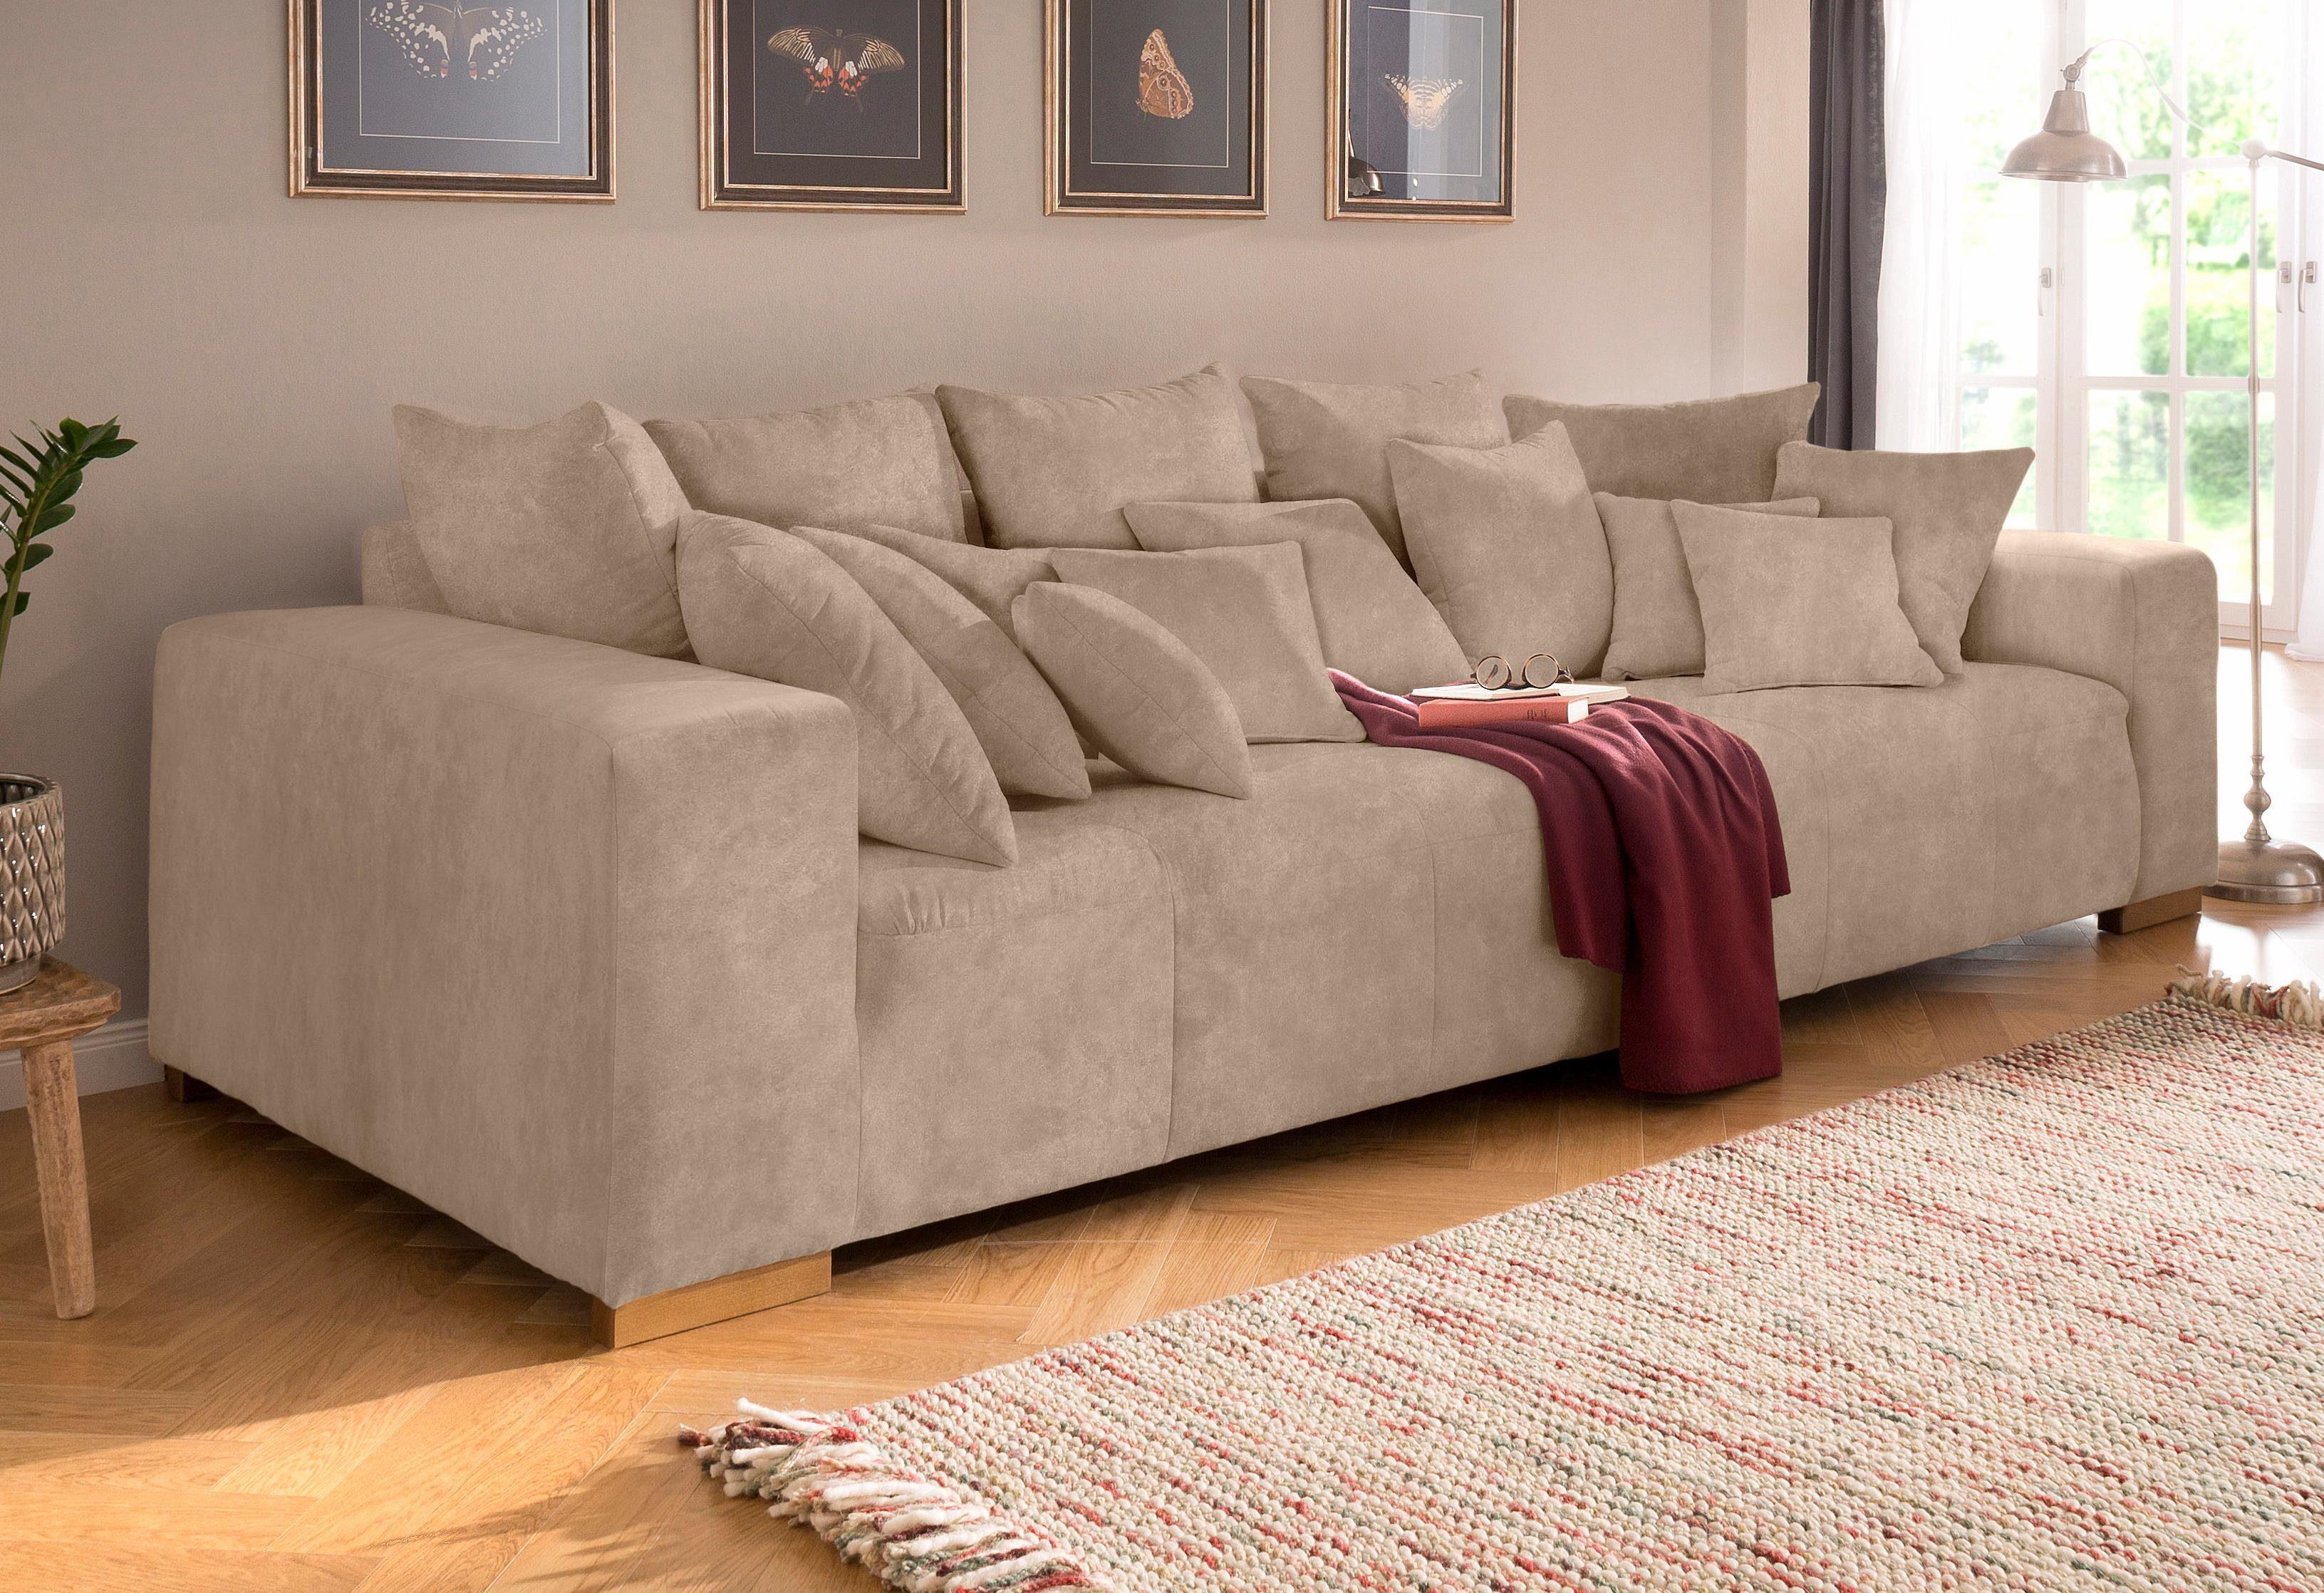 Affaire Online KissenIn 2 Home Vielen KaufenOtto Big »neapel«Mit Bezugsqualitäten Sofa Losen CWBerxdo